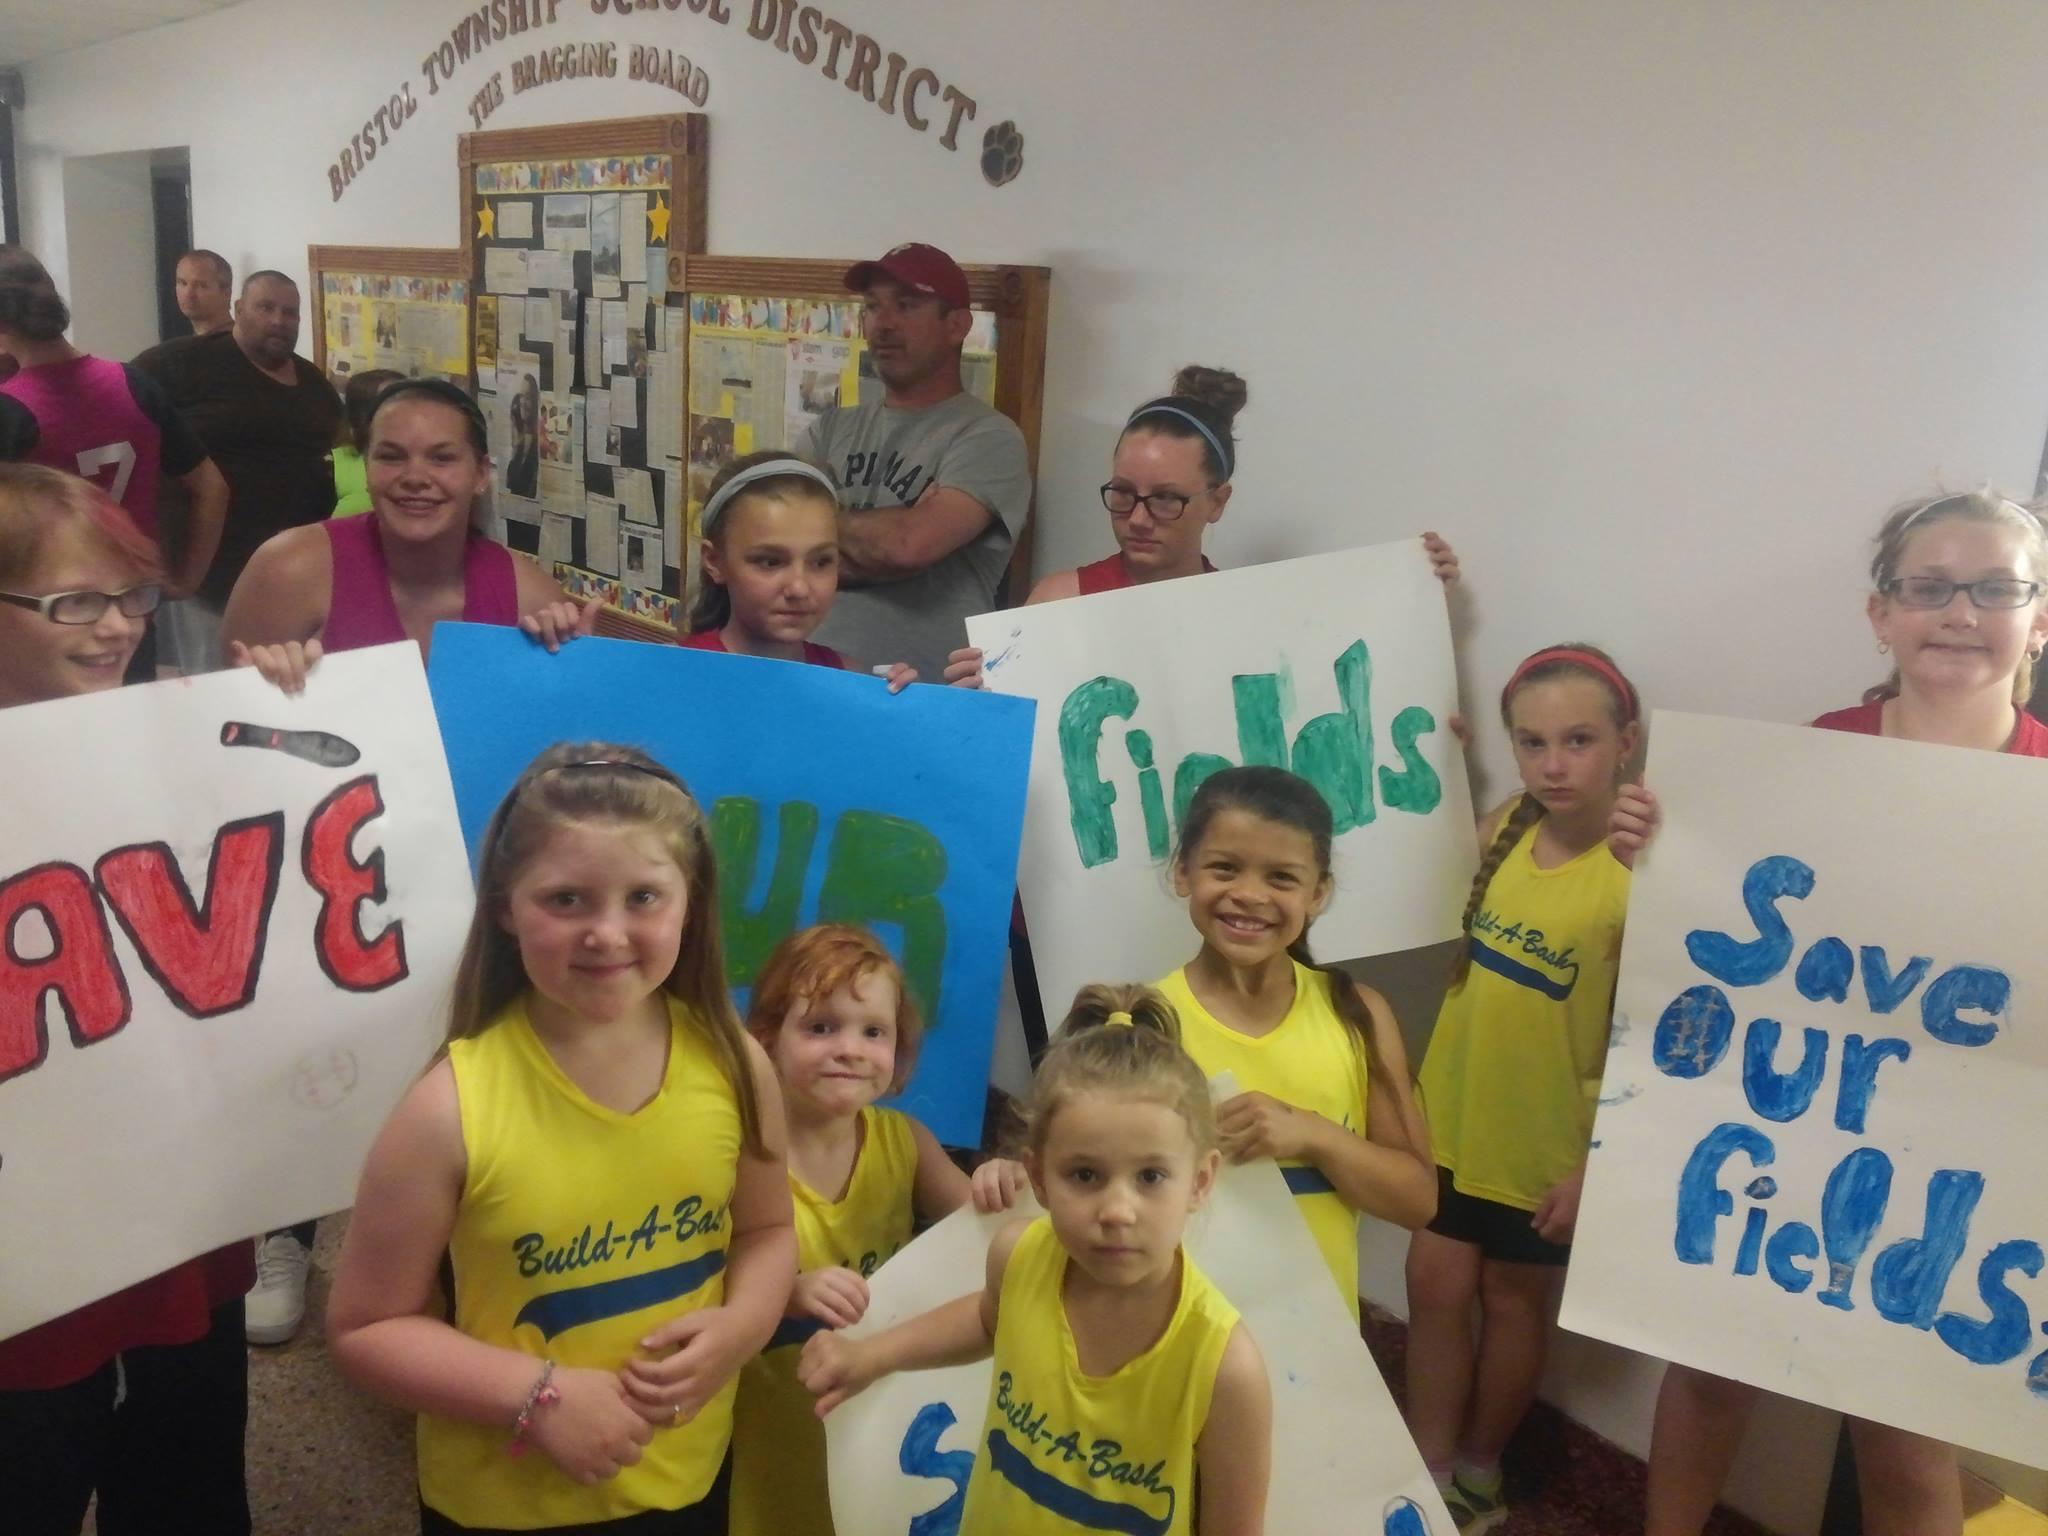 Bristol Twp. Girls Softball League Rallies For Fields